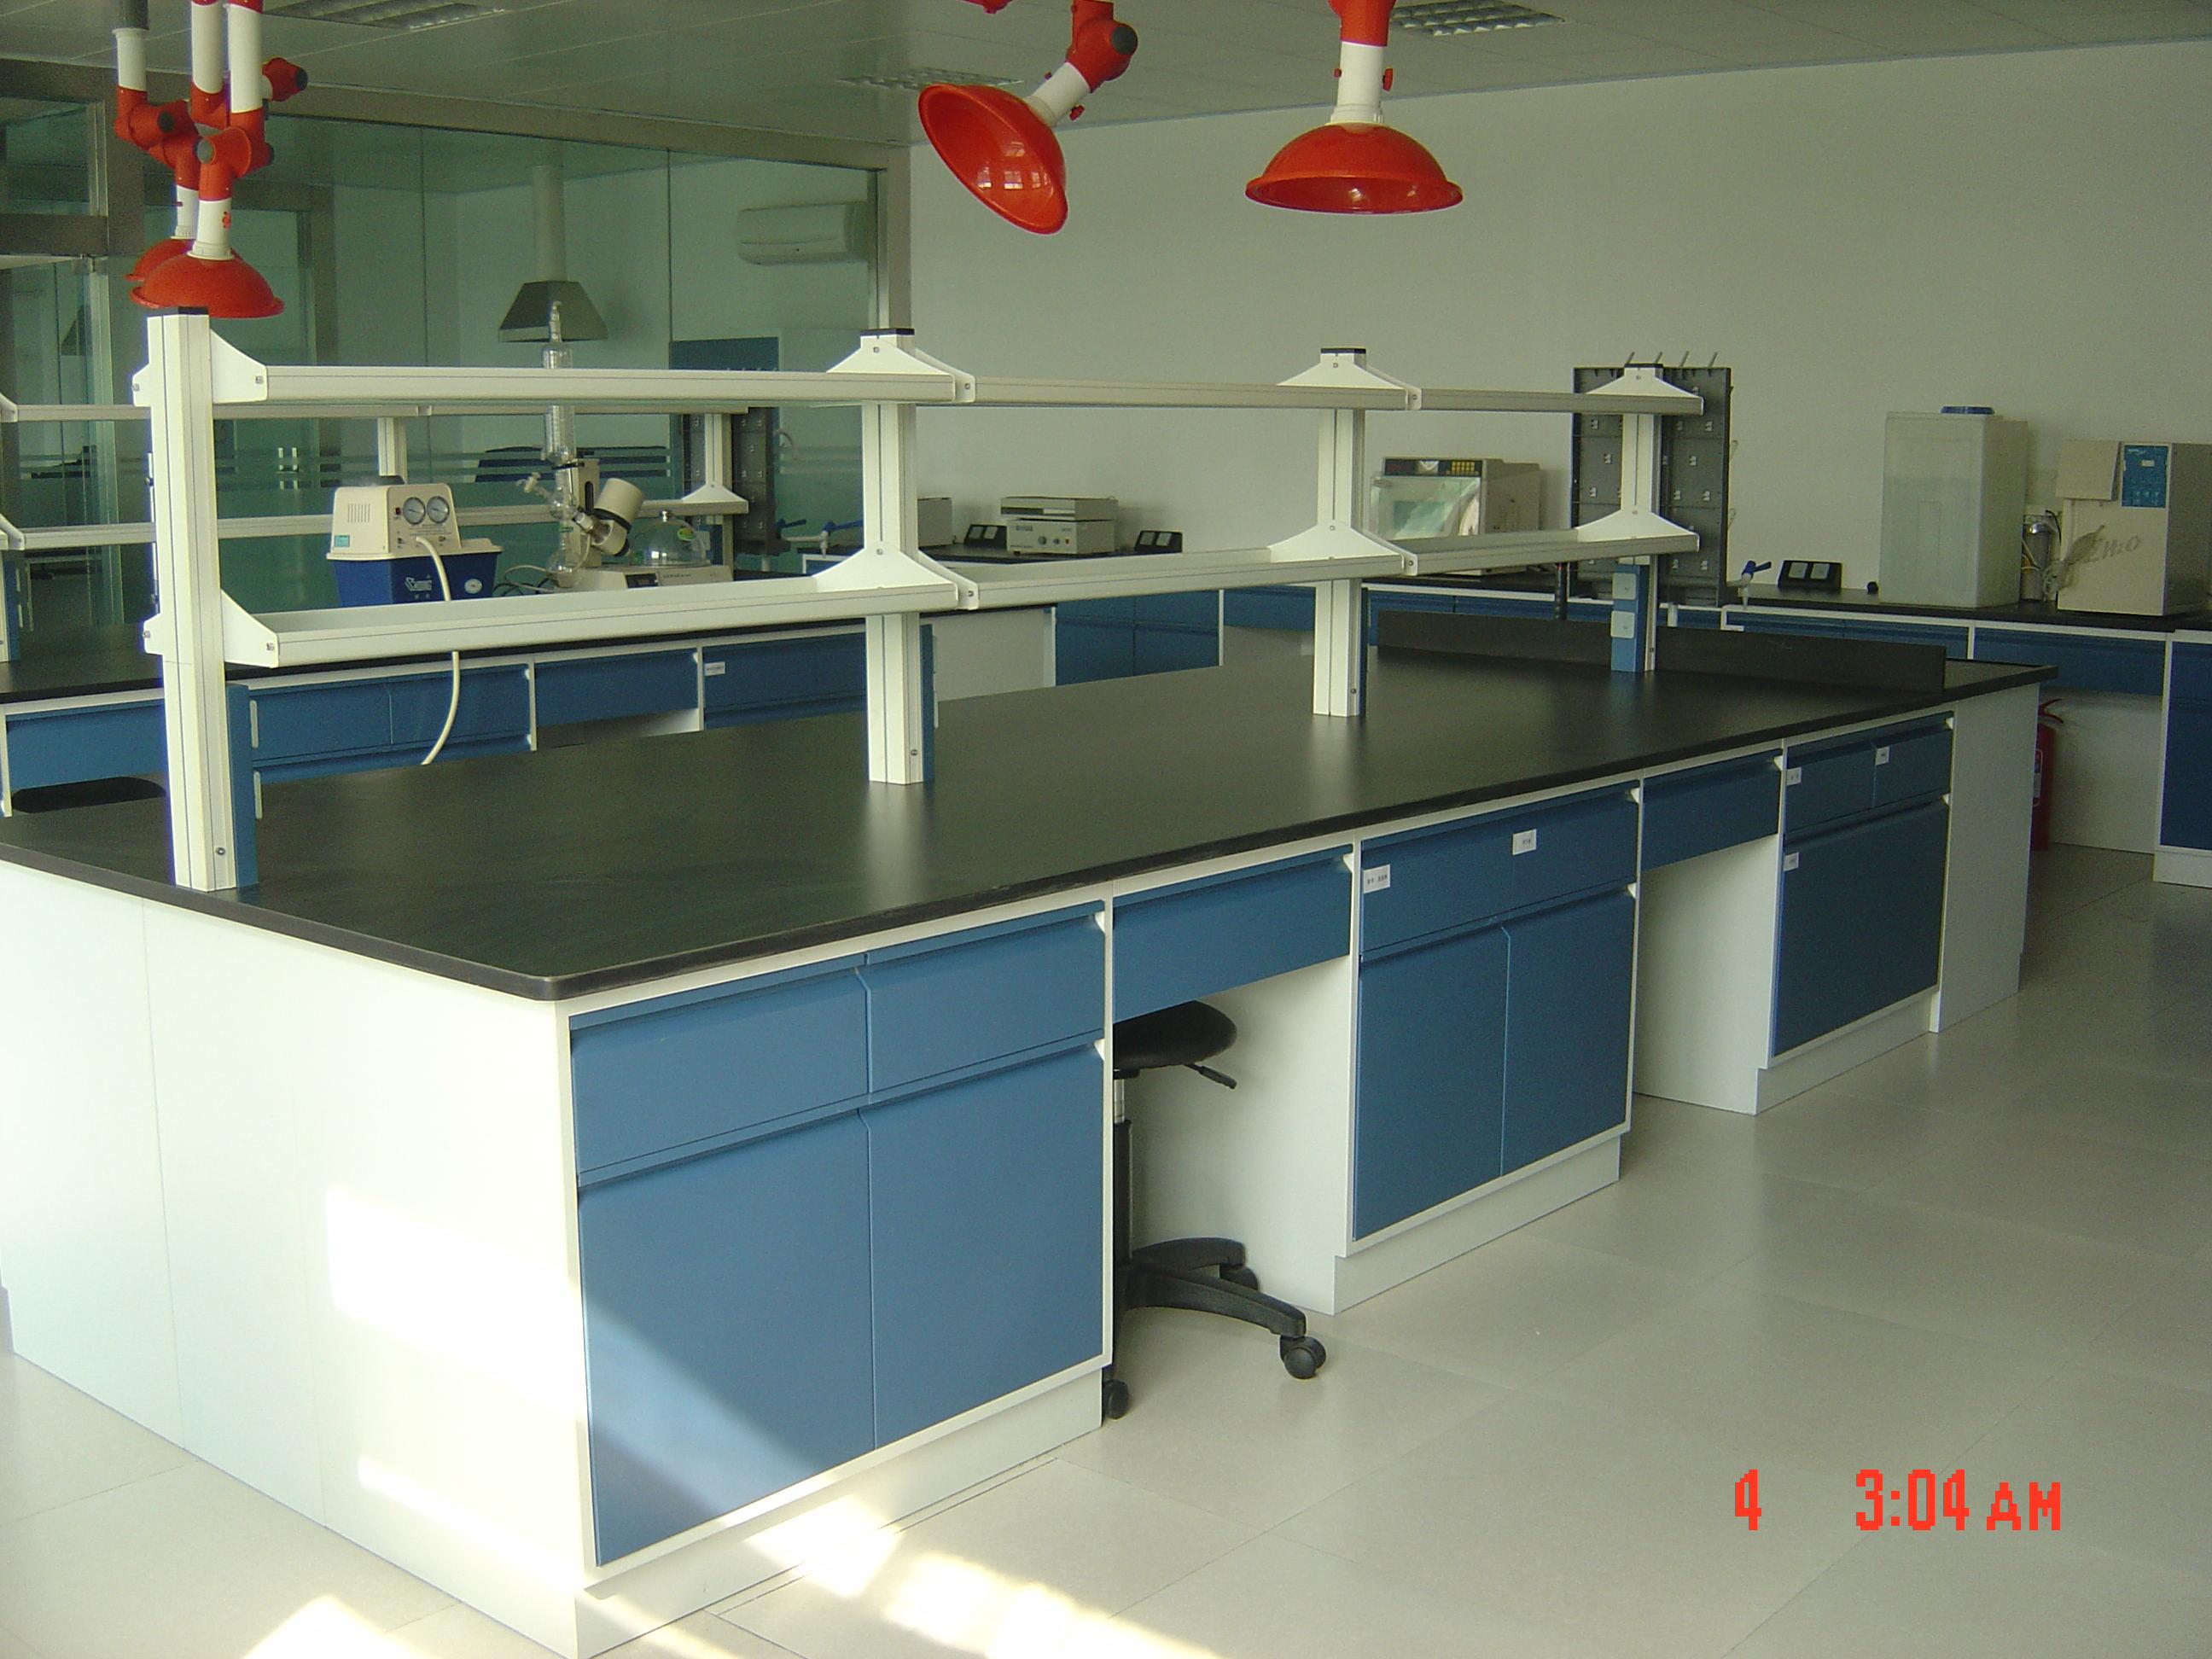 供应全钢实验台/钢木实验台/全木实验台,多种结构,欢迎洽谈